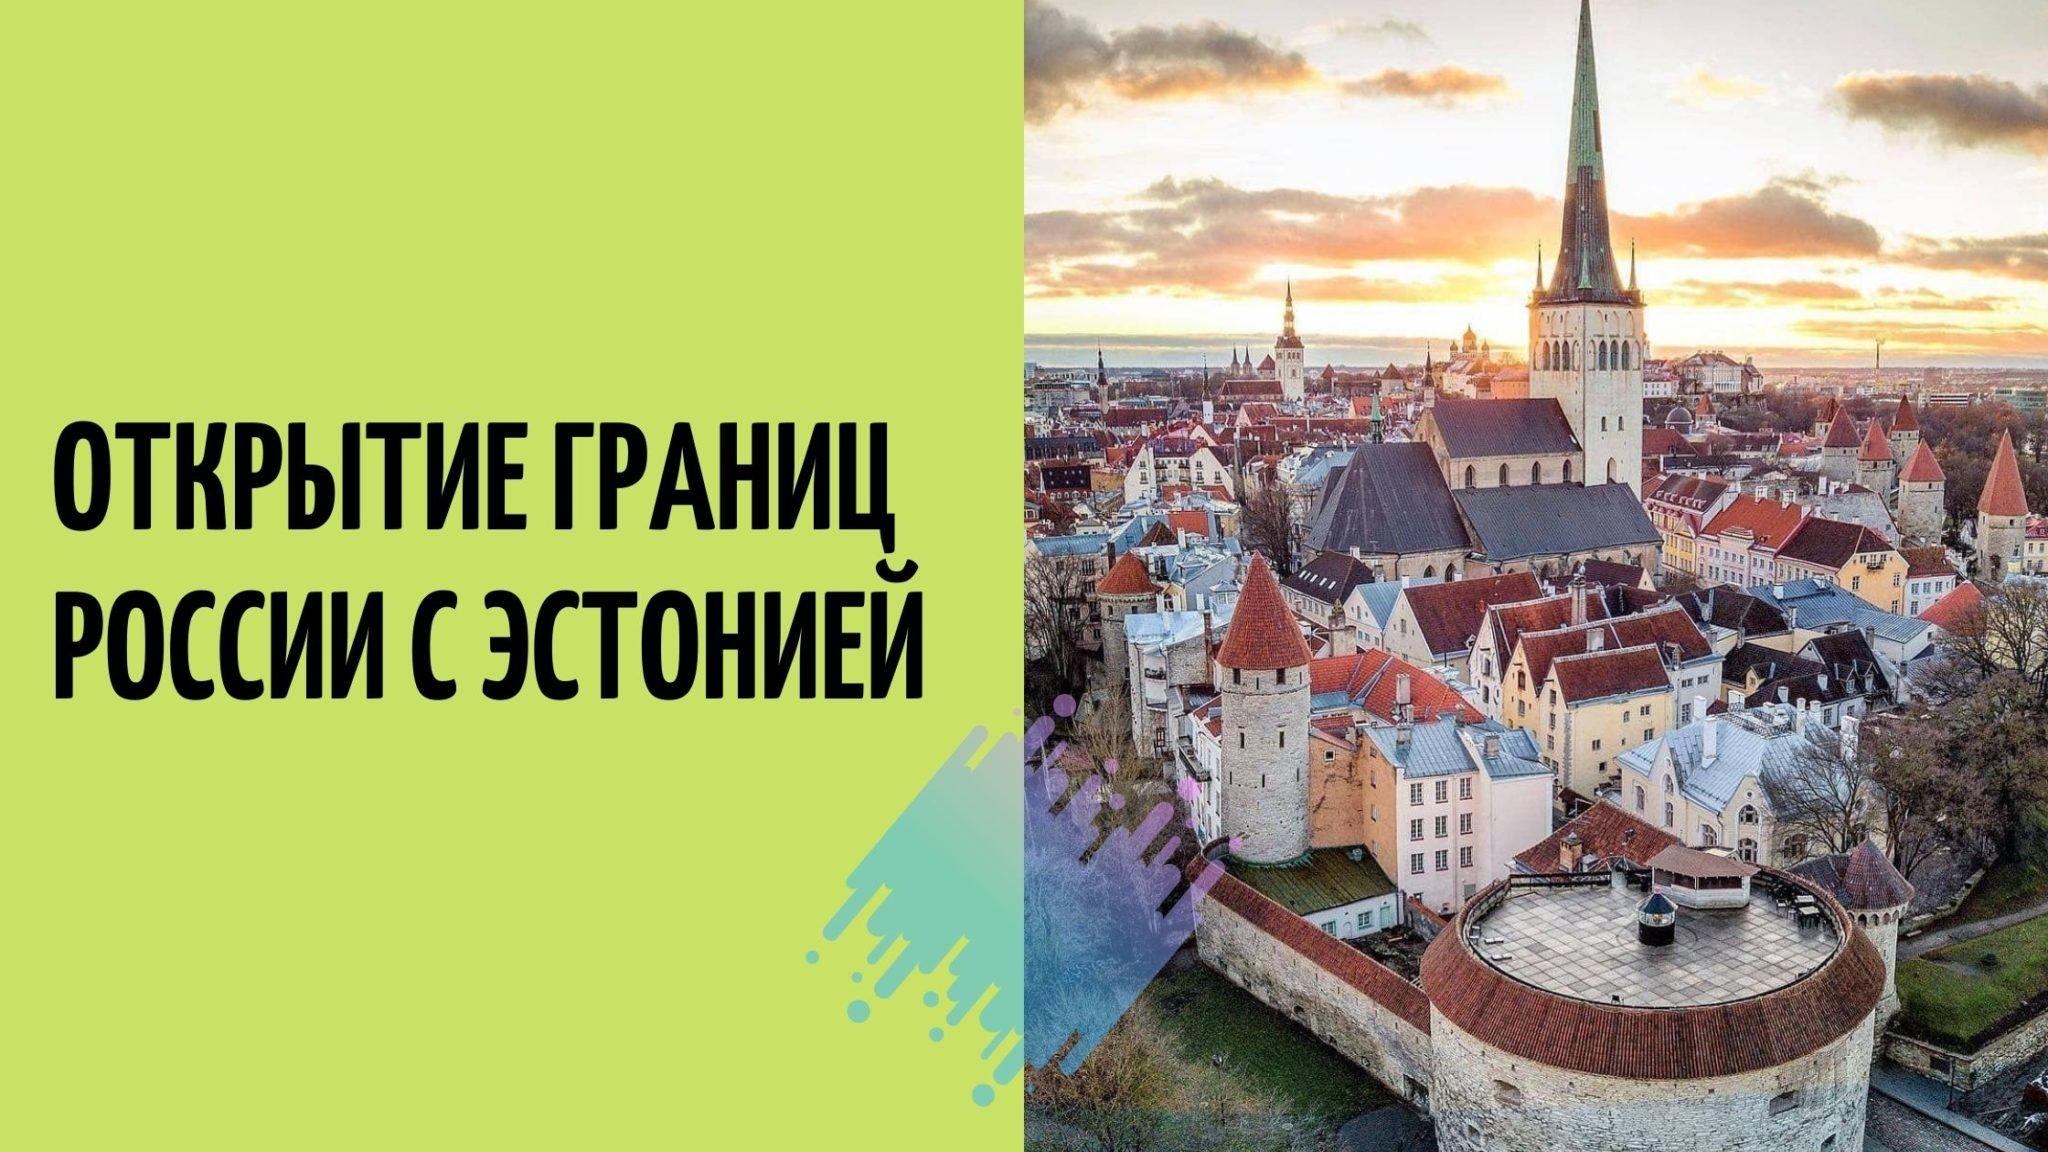 Граница России с Эстонией